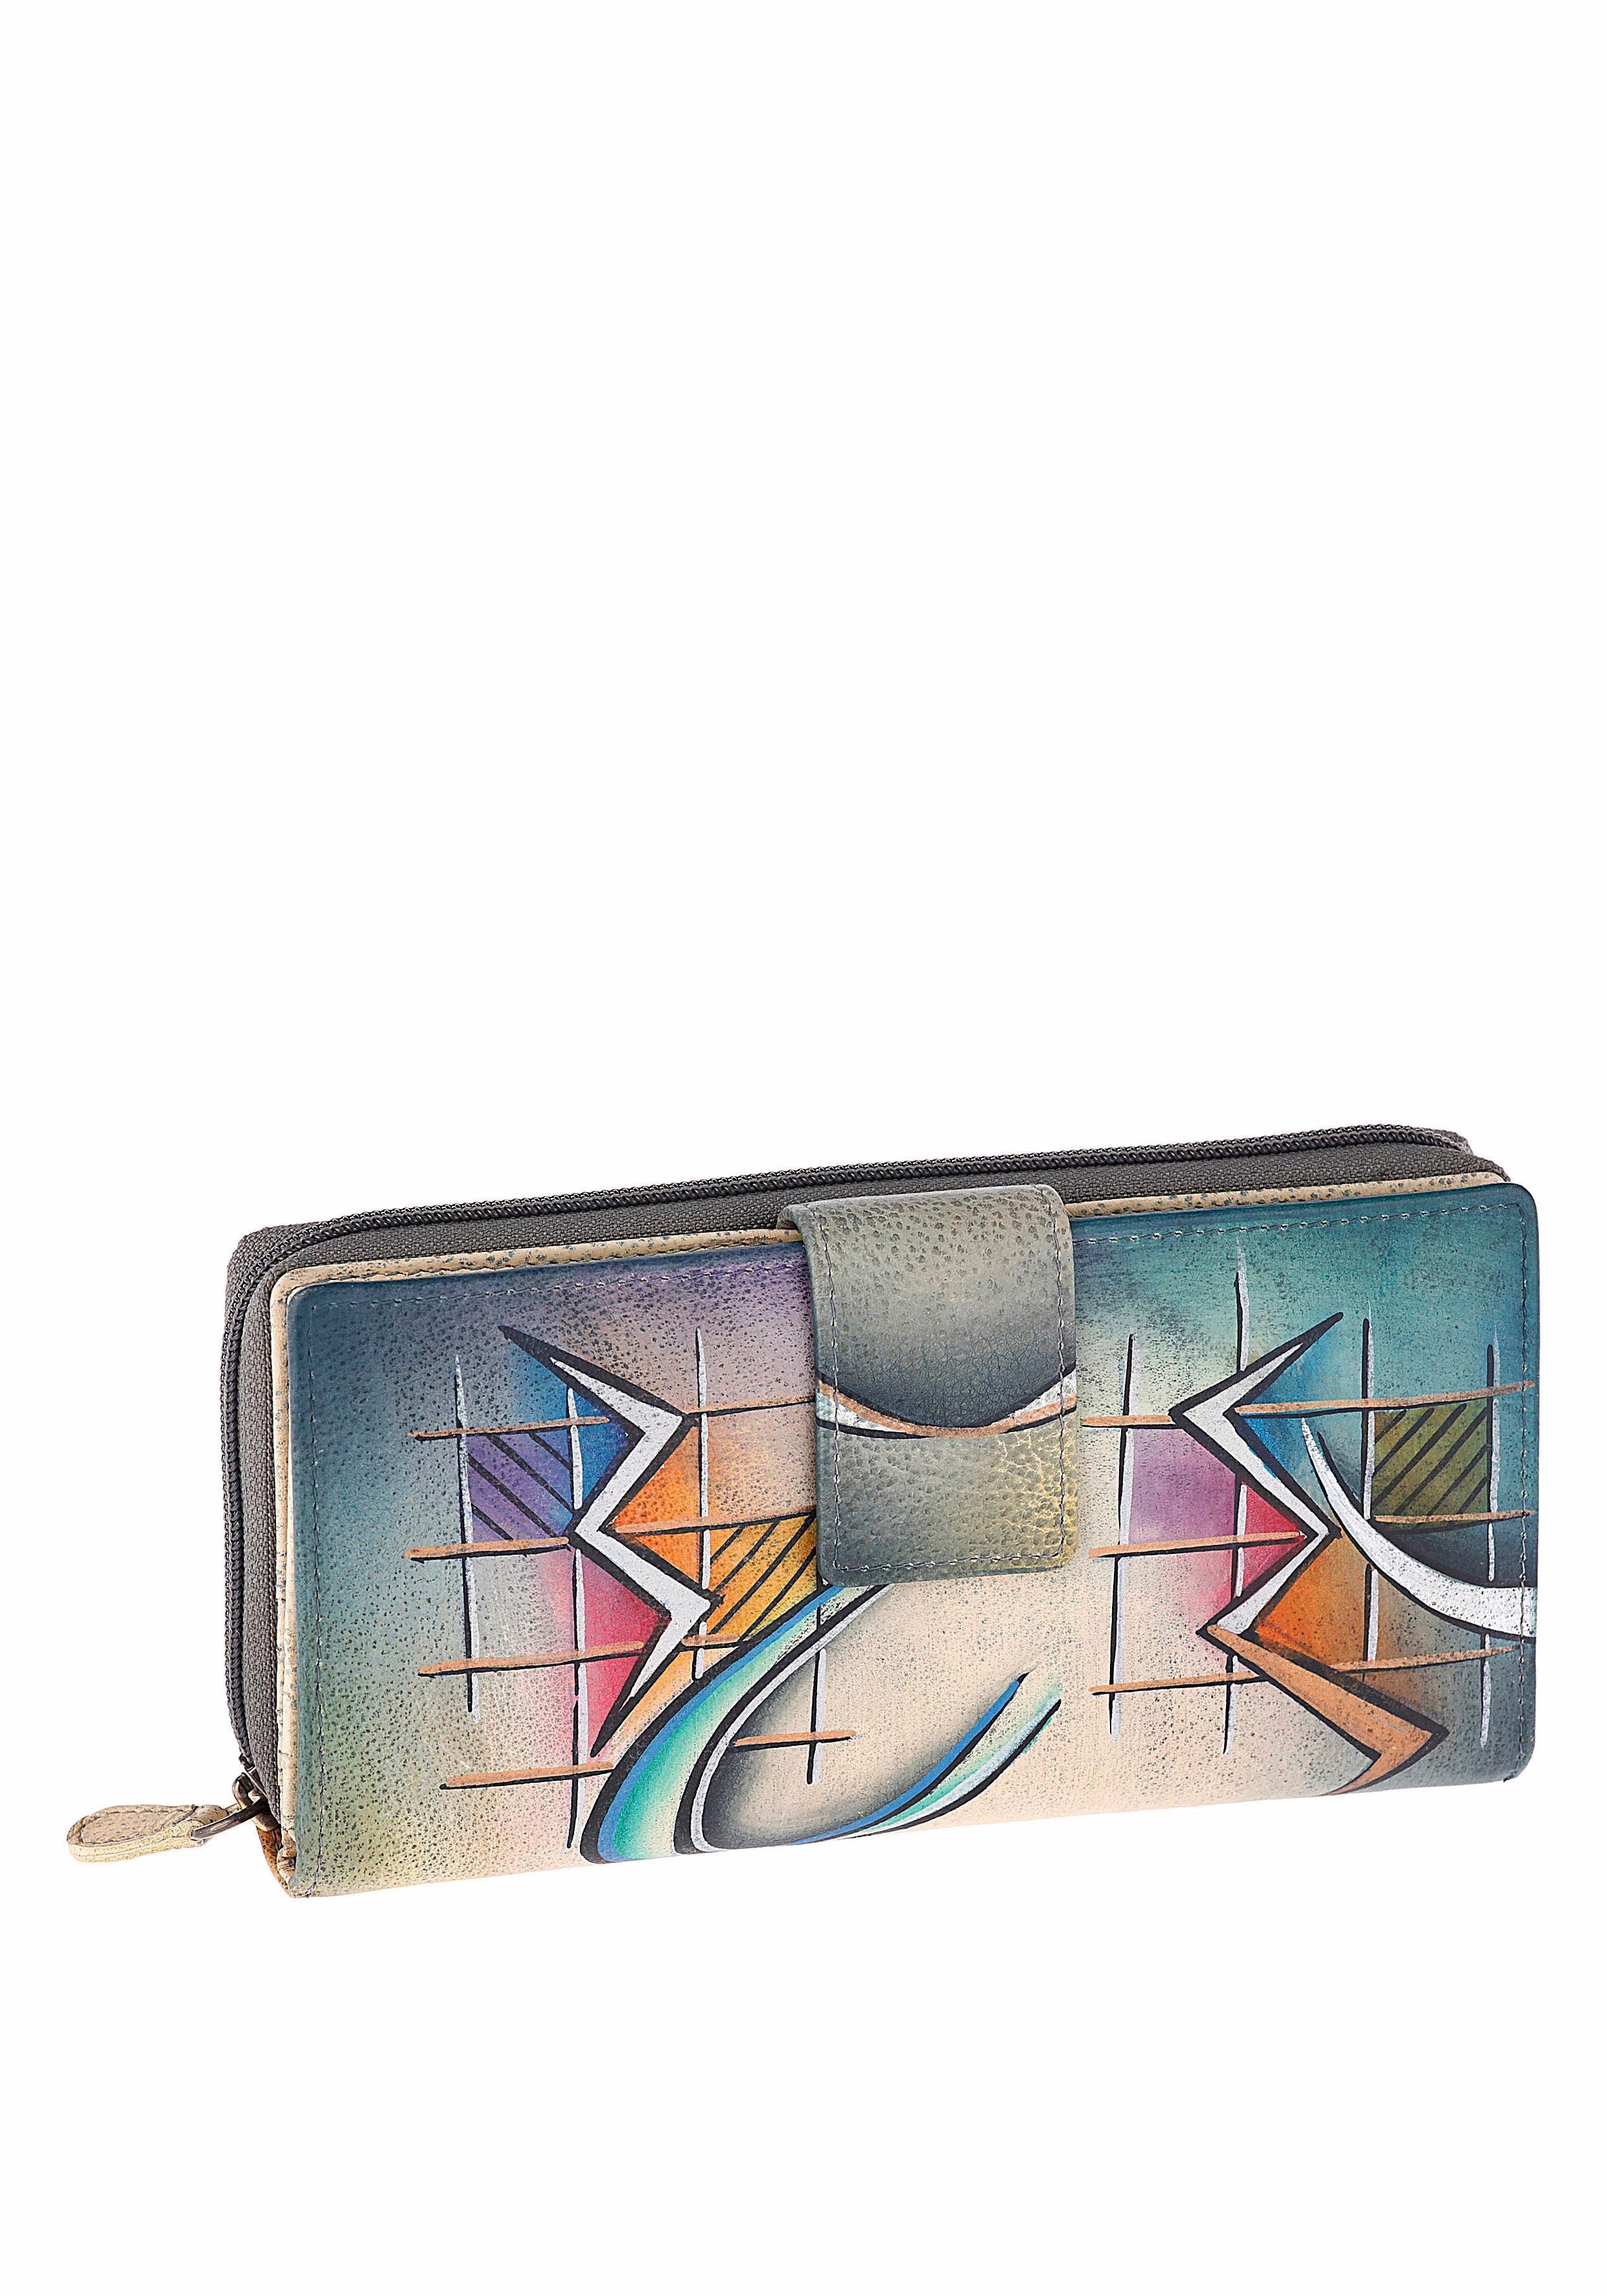 Art & Craft Geldbörse, handbemalt aus echtem Leder